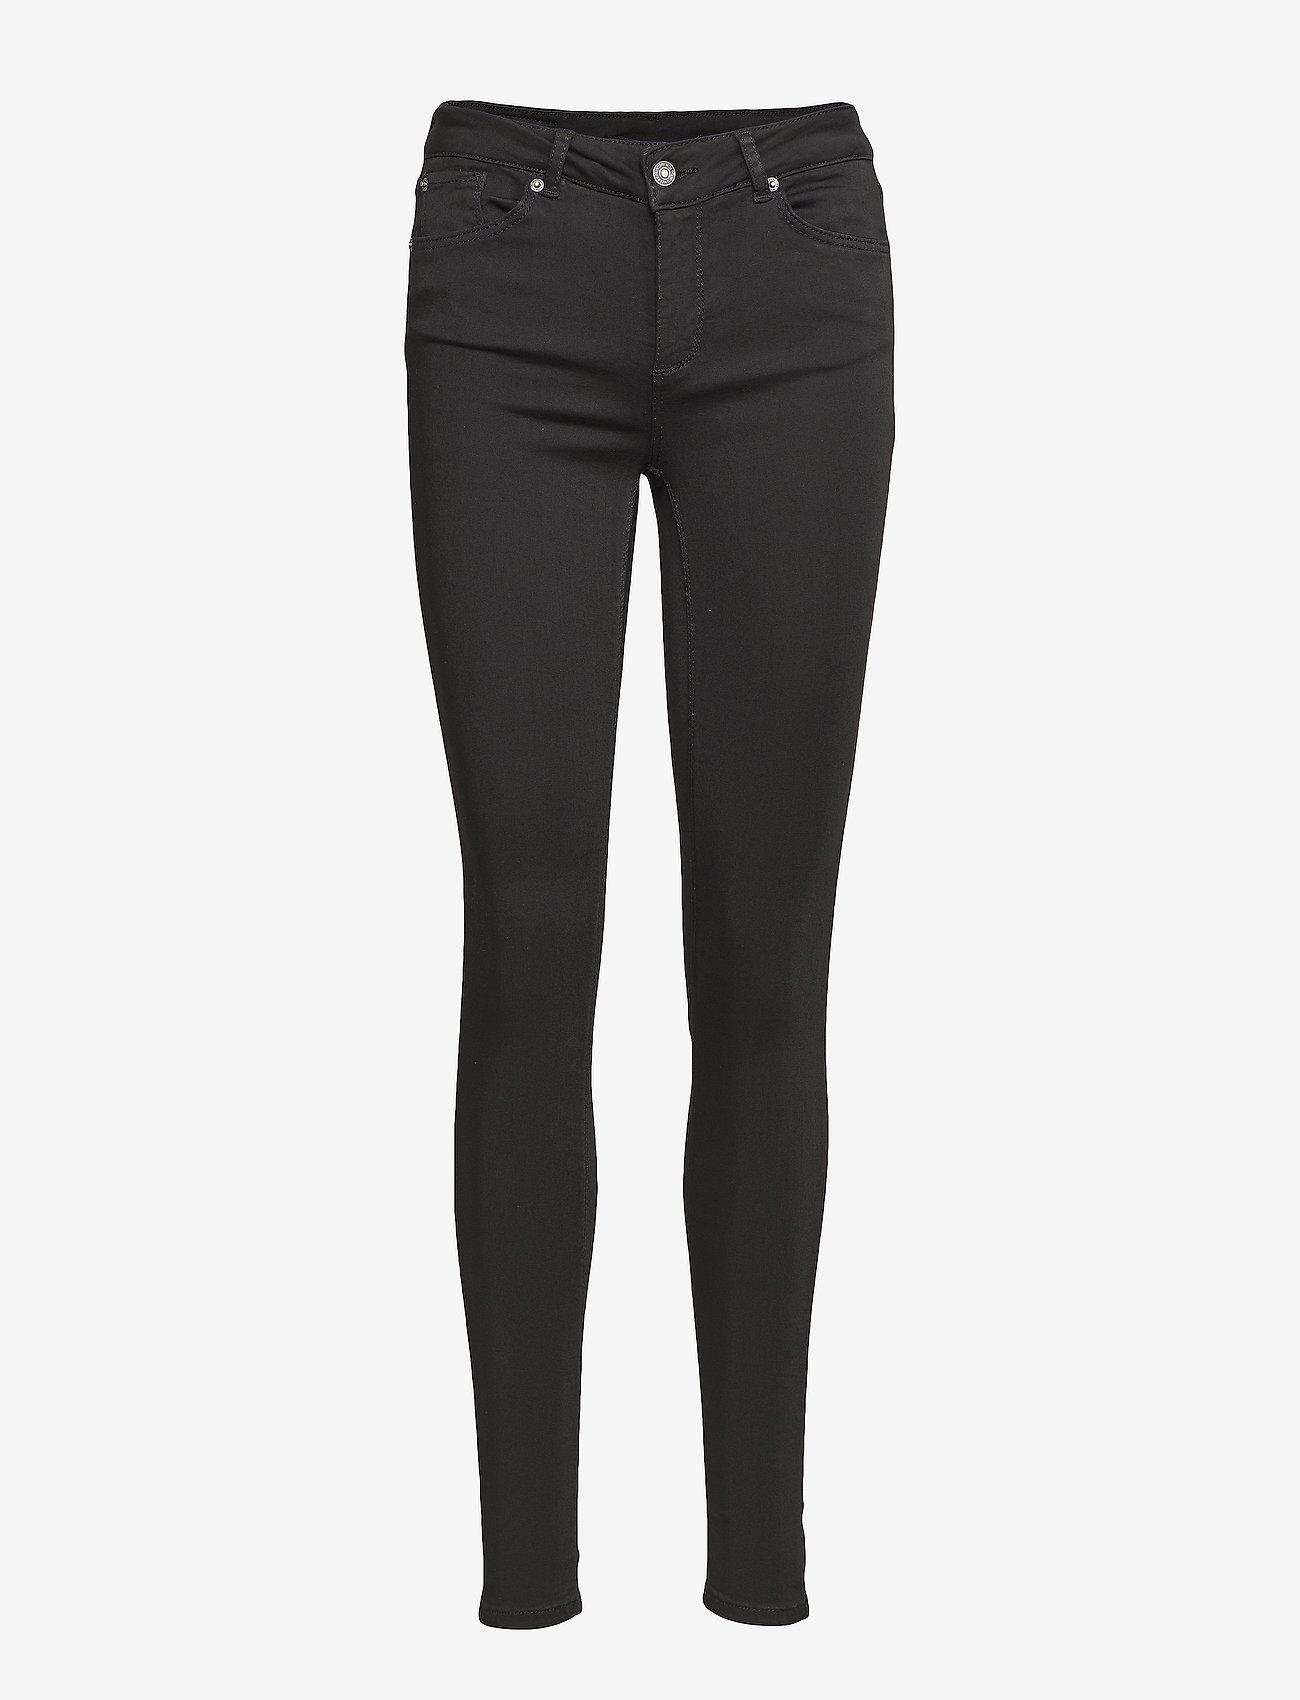 Vero Moda - VMLUX NW SUPER S JEANS BA037 GA - skinny jeans - black - 0